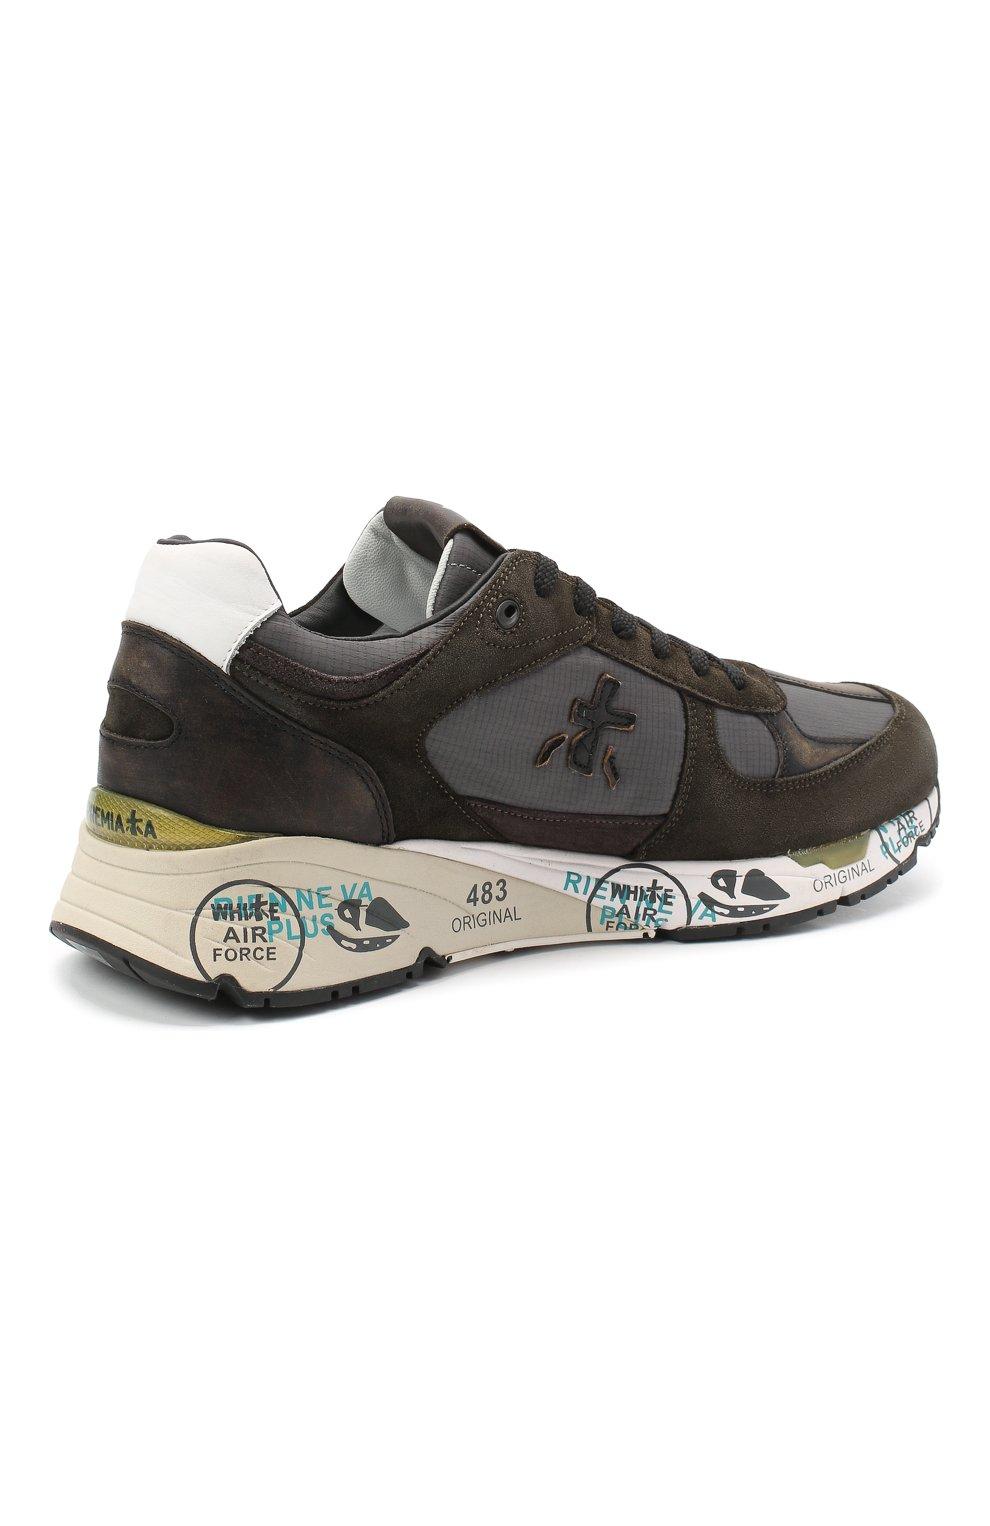 Мужские комбинированные кроссовки mase PREMIATA хаки цвета, арт. MASE/VAR4005 | Фото 4